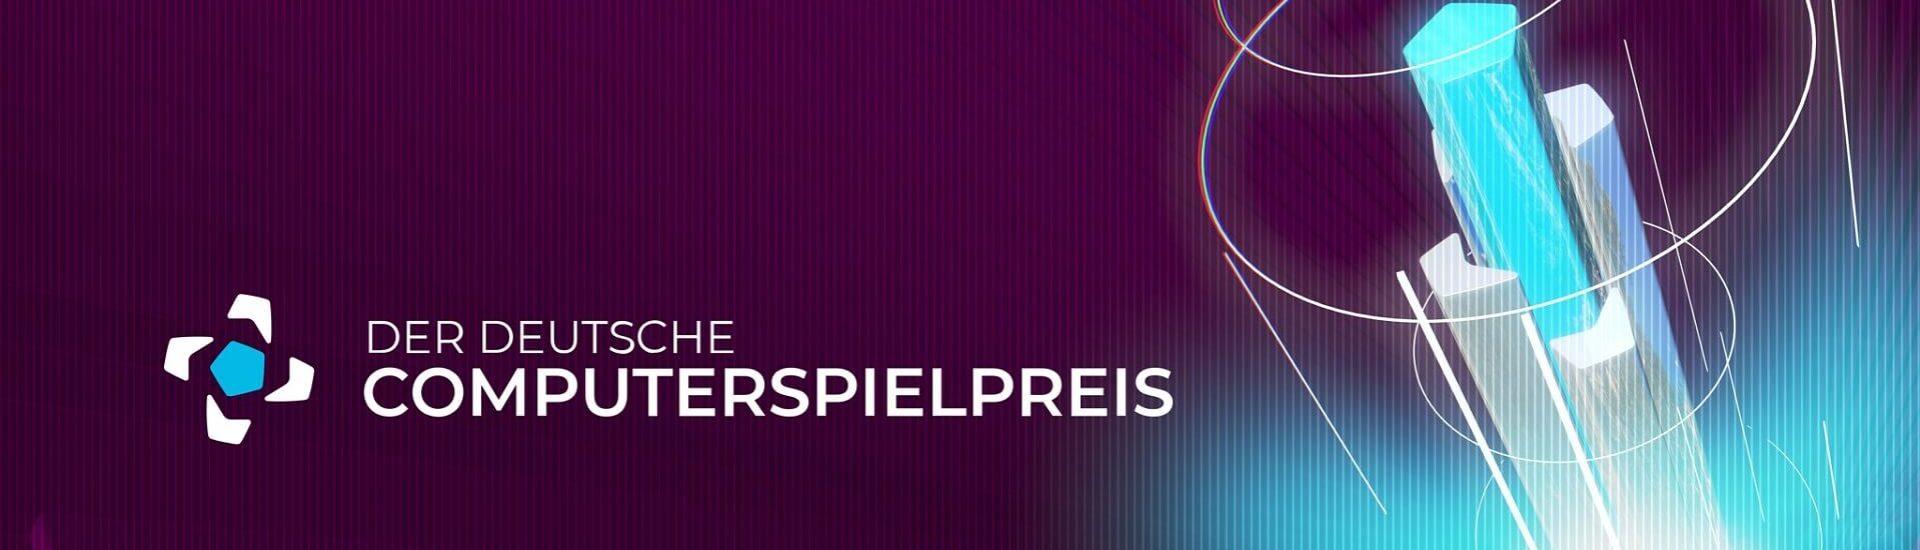 Deutscher Computerspielpreis 2021: Alle diesjährigen Sieger